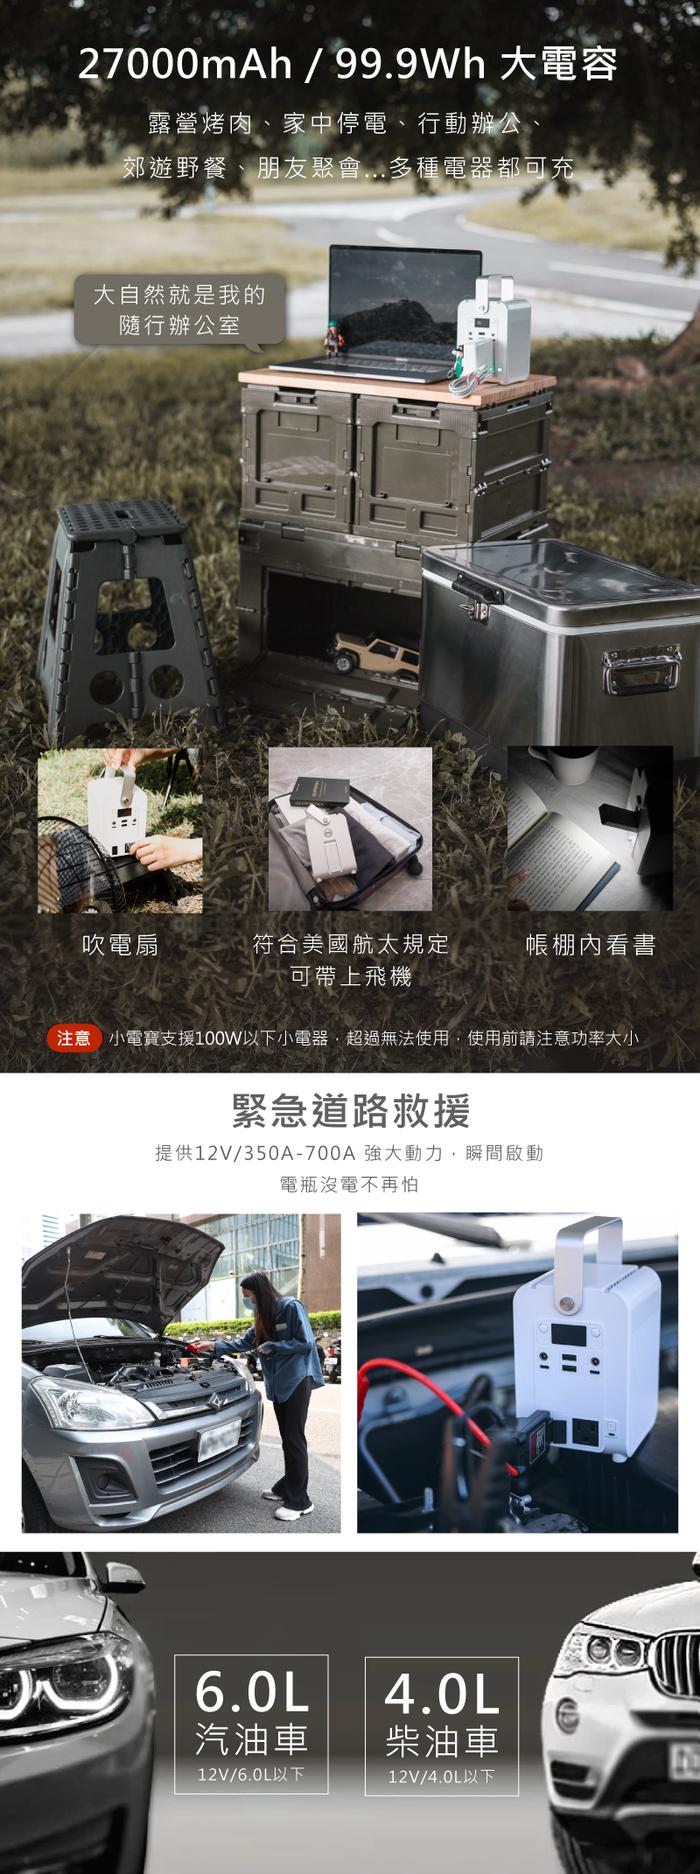 【集購】Roommi|多功能行動電源供應器